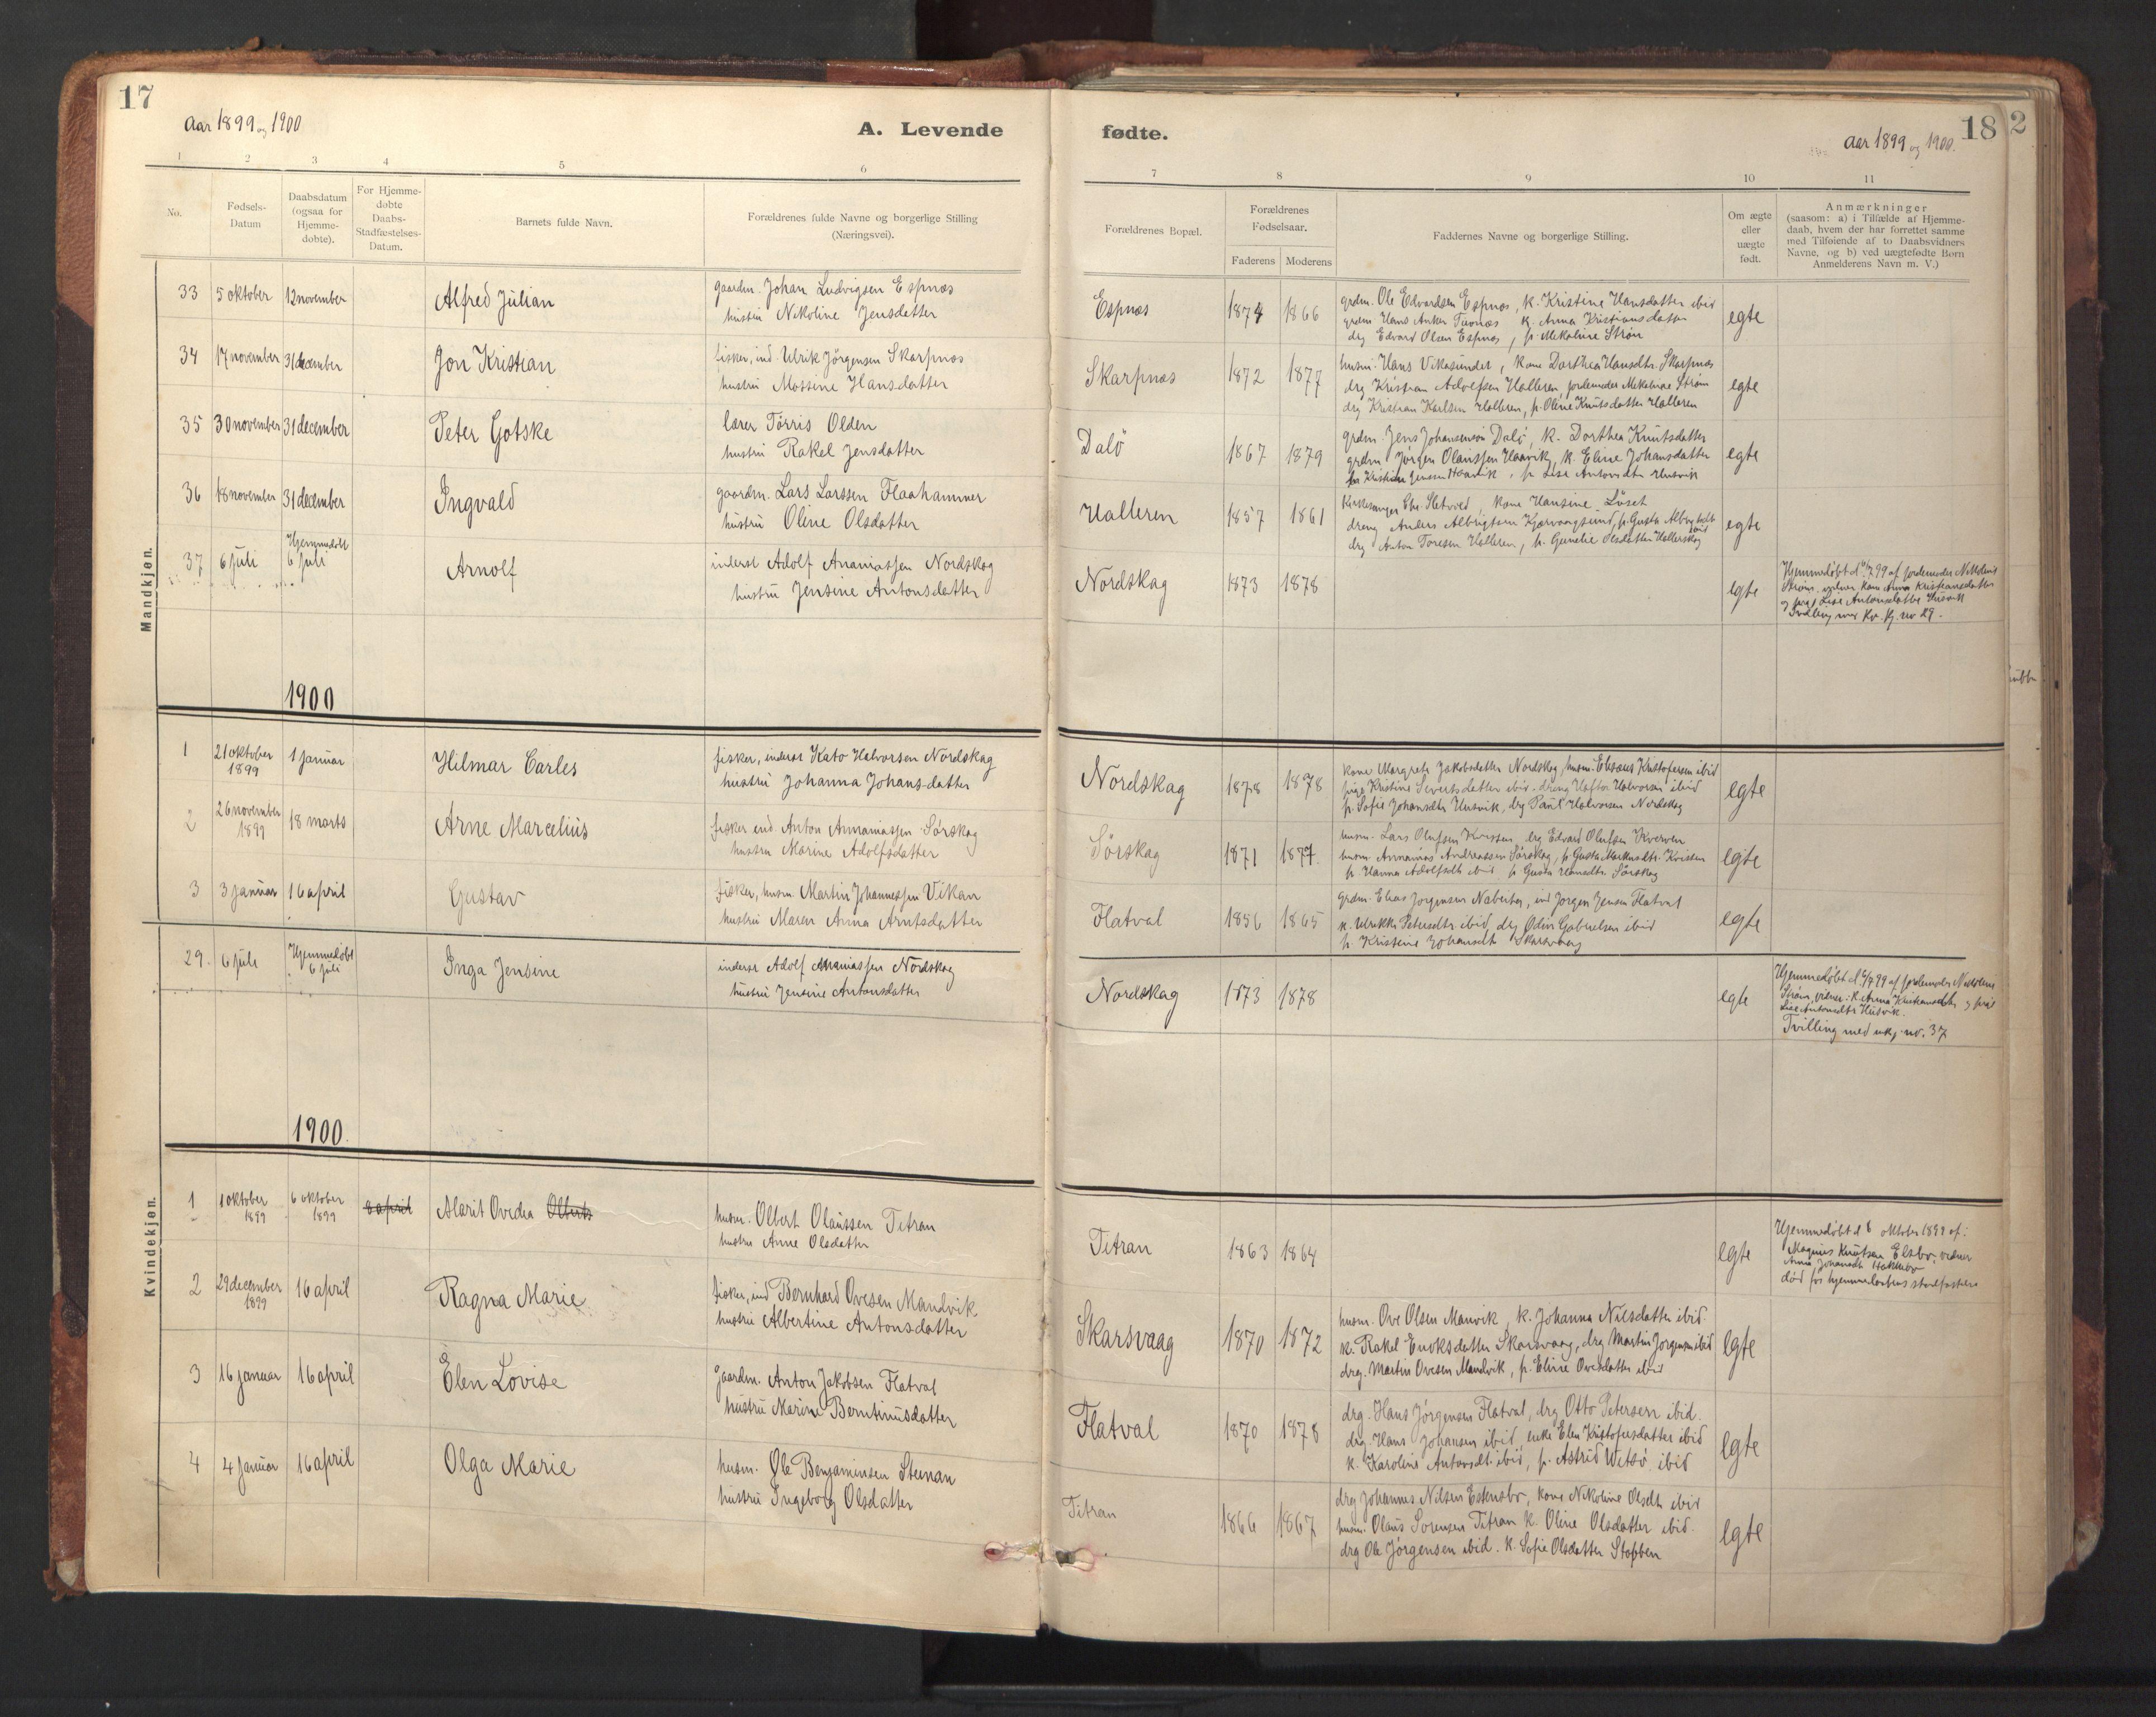 SAT, Ministerialprotokoller, klokkerbøker og fødselsregistre - Sør-Trøndelag, 641/L0596: Ministerialbok nr. 641A02, 1898-1915, s. 17-18